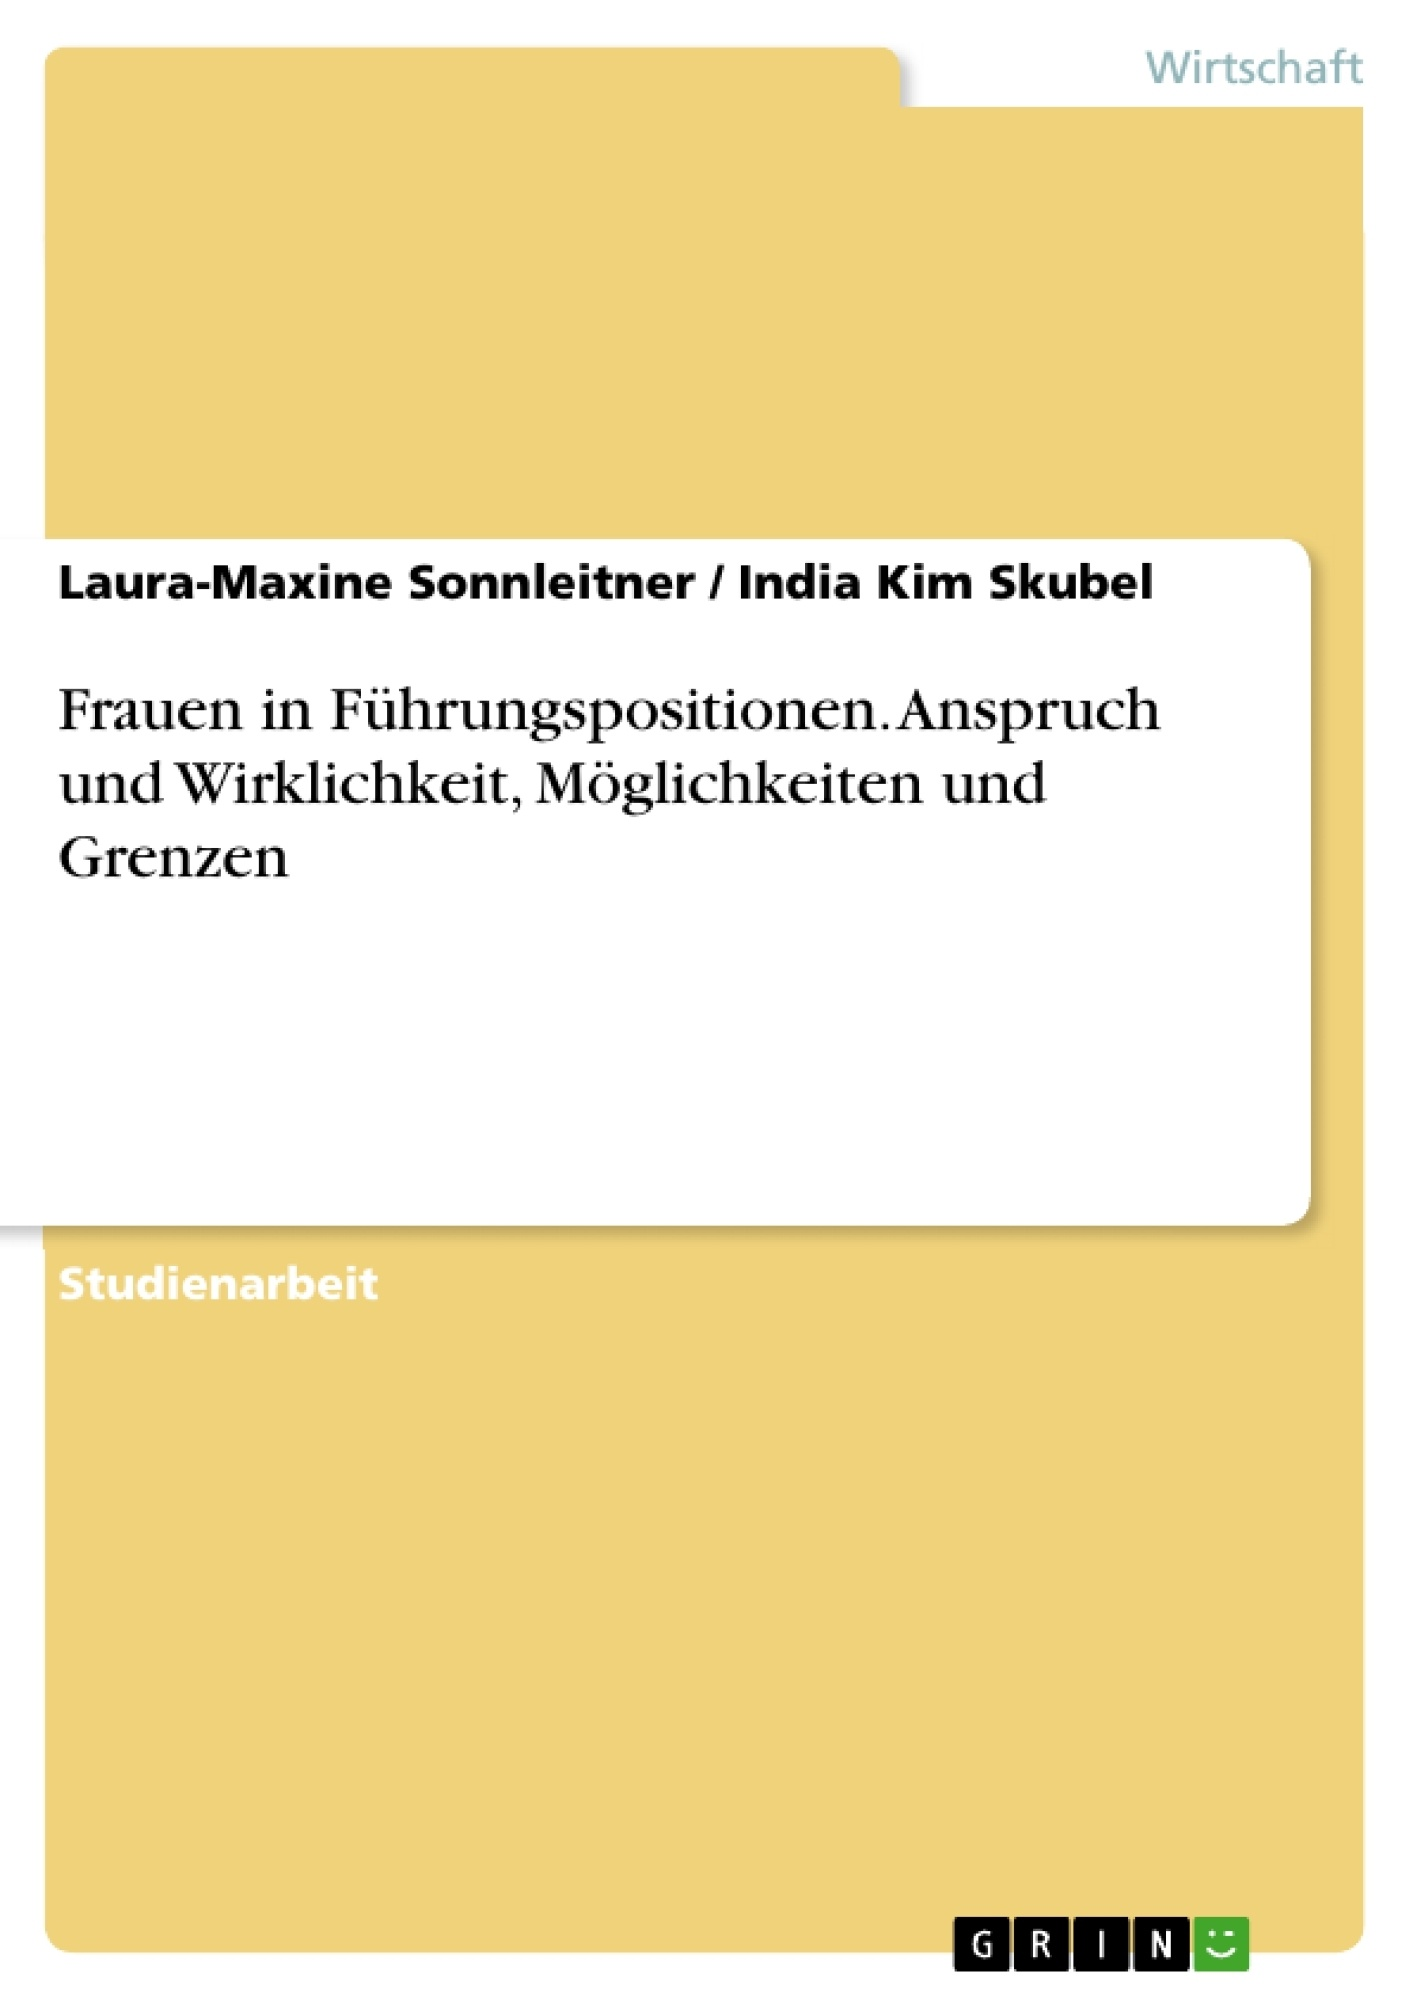 Titel: Frauen in Führungspositionen. Anspruch und Wirklichkeit, Möglichkeiten und Grenzen